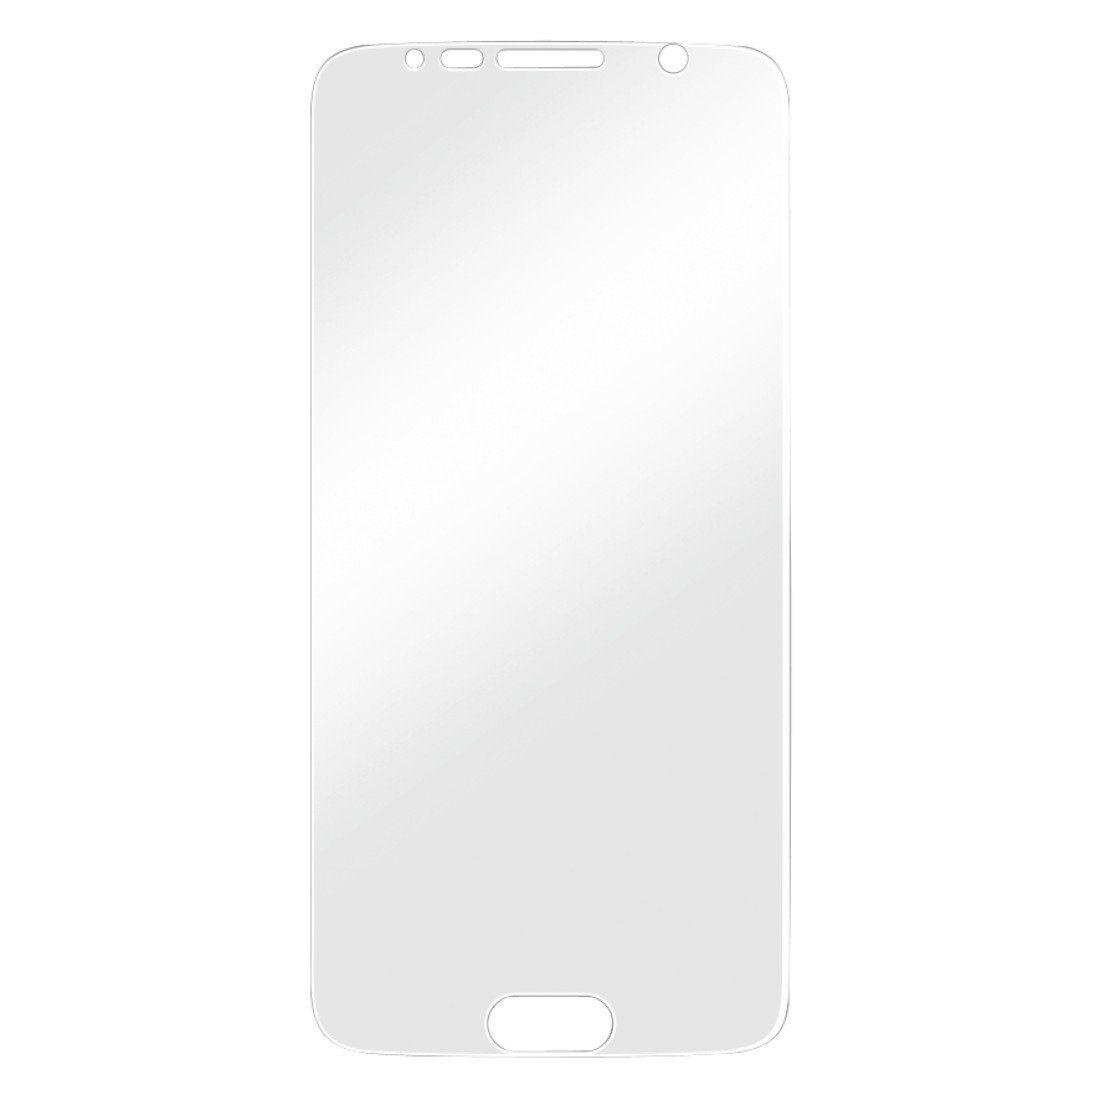 Hama Display-Schutzfolie Anti-Reflex für Samsung Galaxy S7